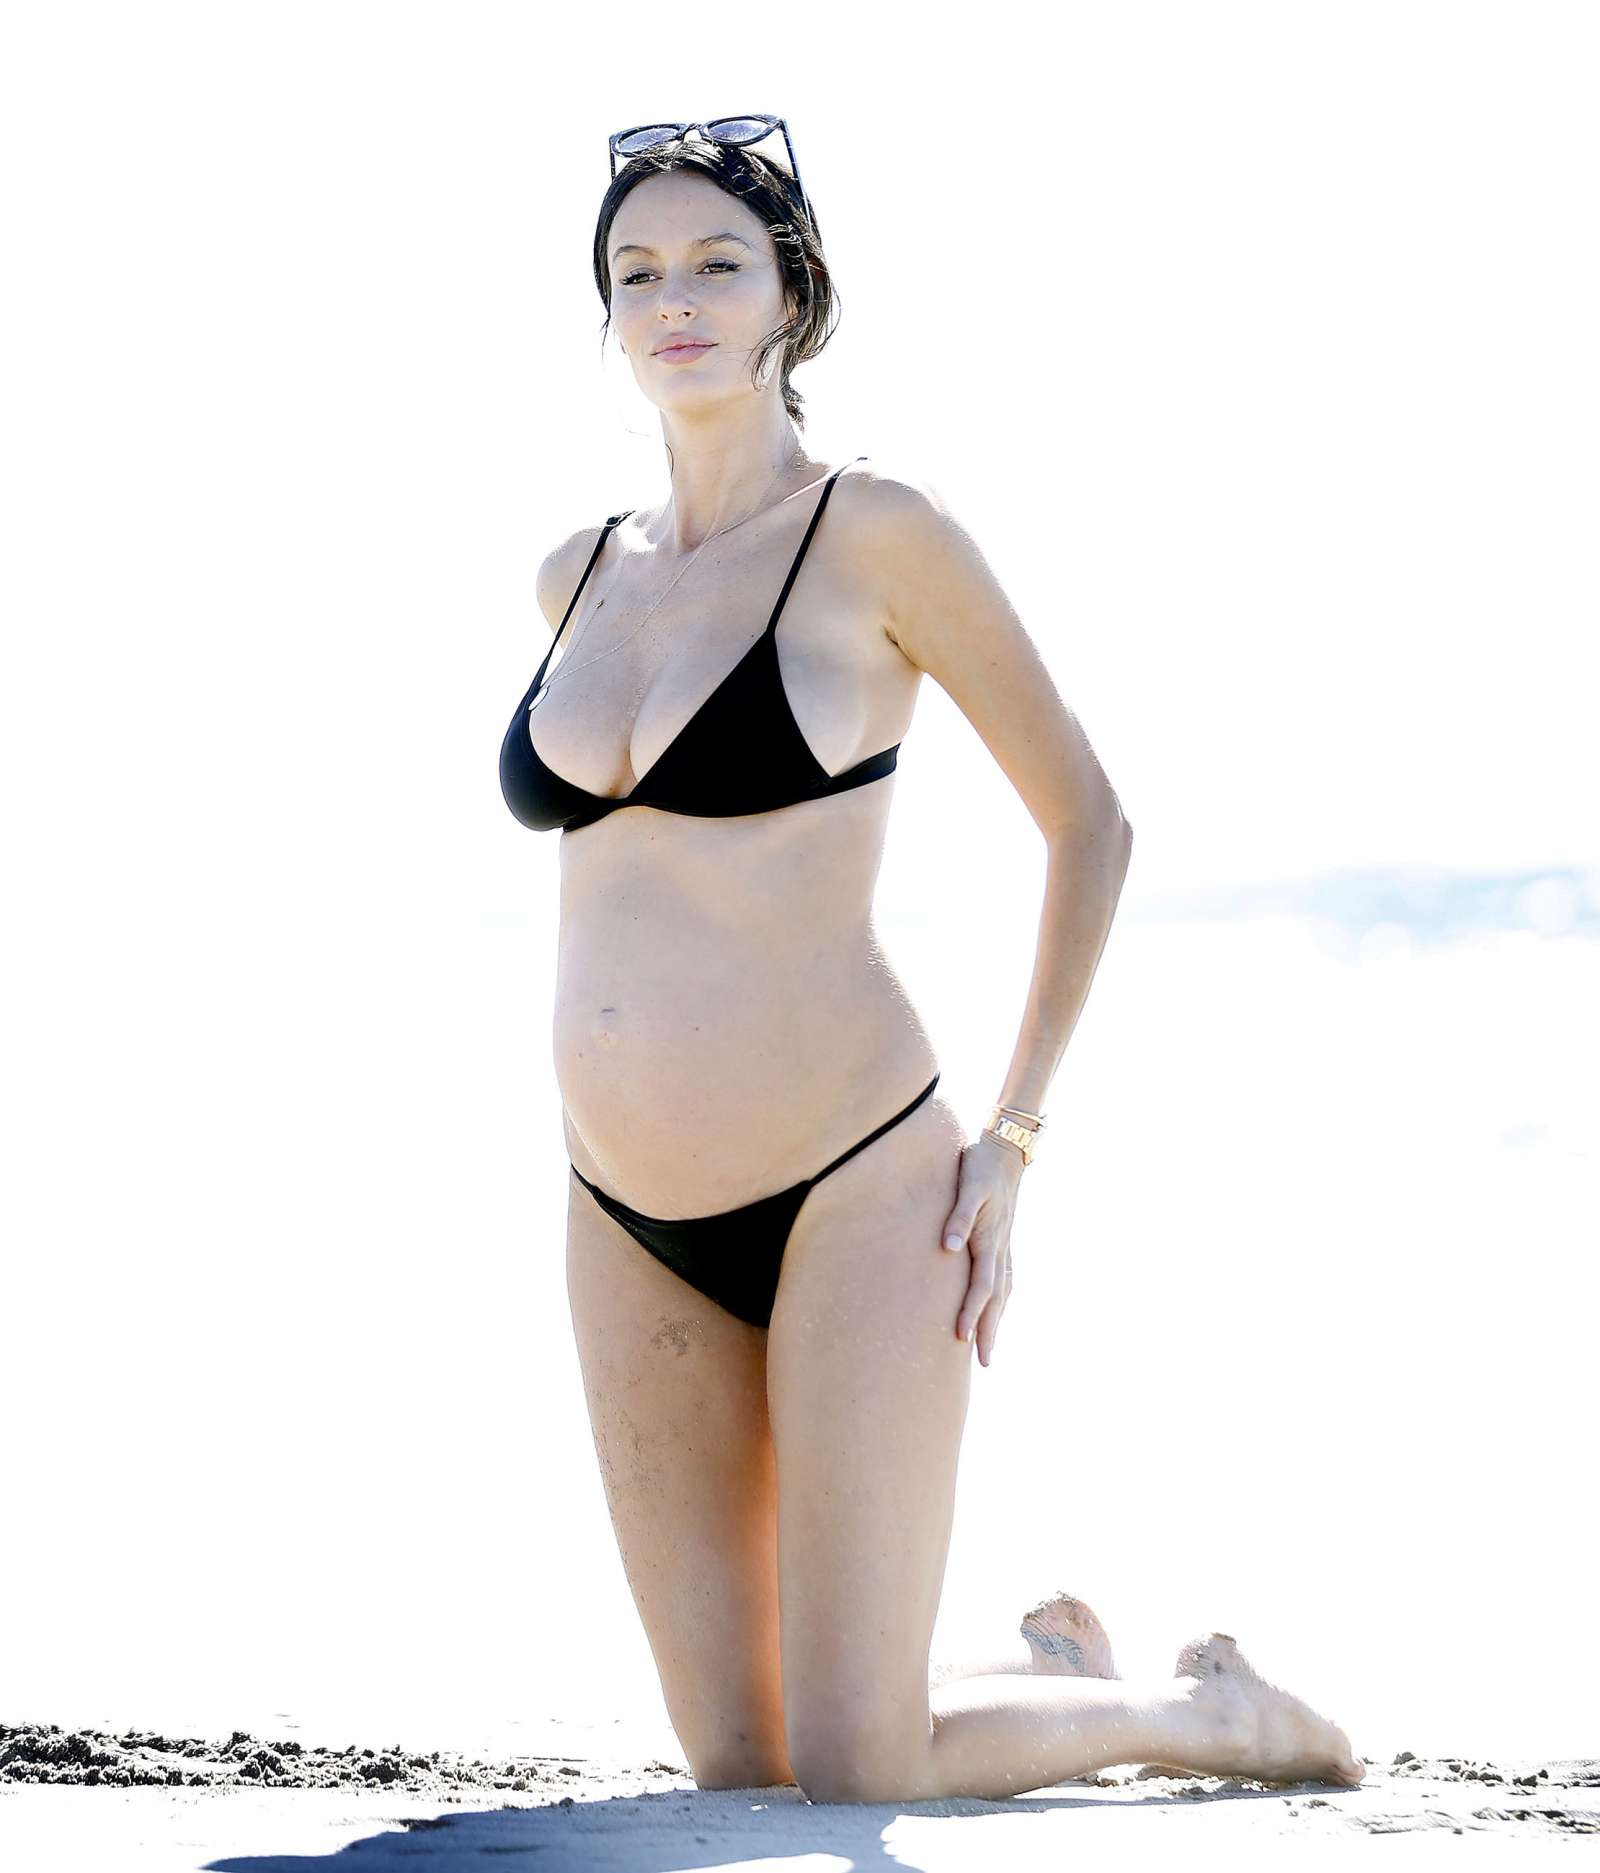 Nicole Trunfio in Black Bikini at a beach in Santa Monica